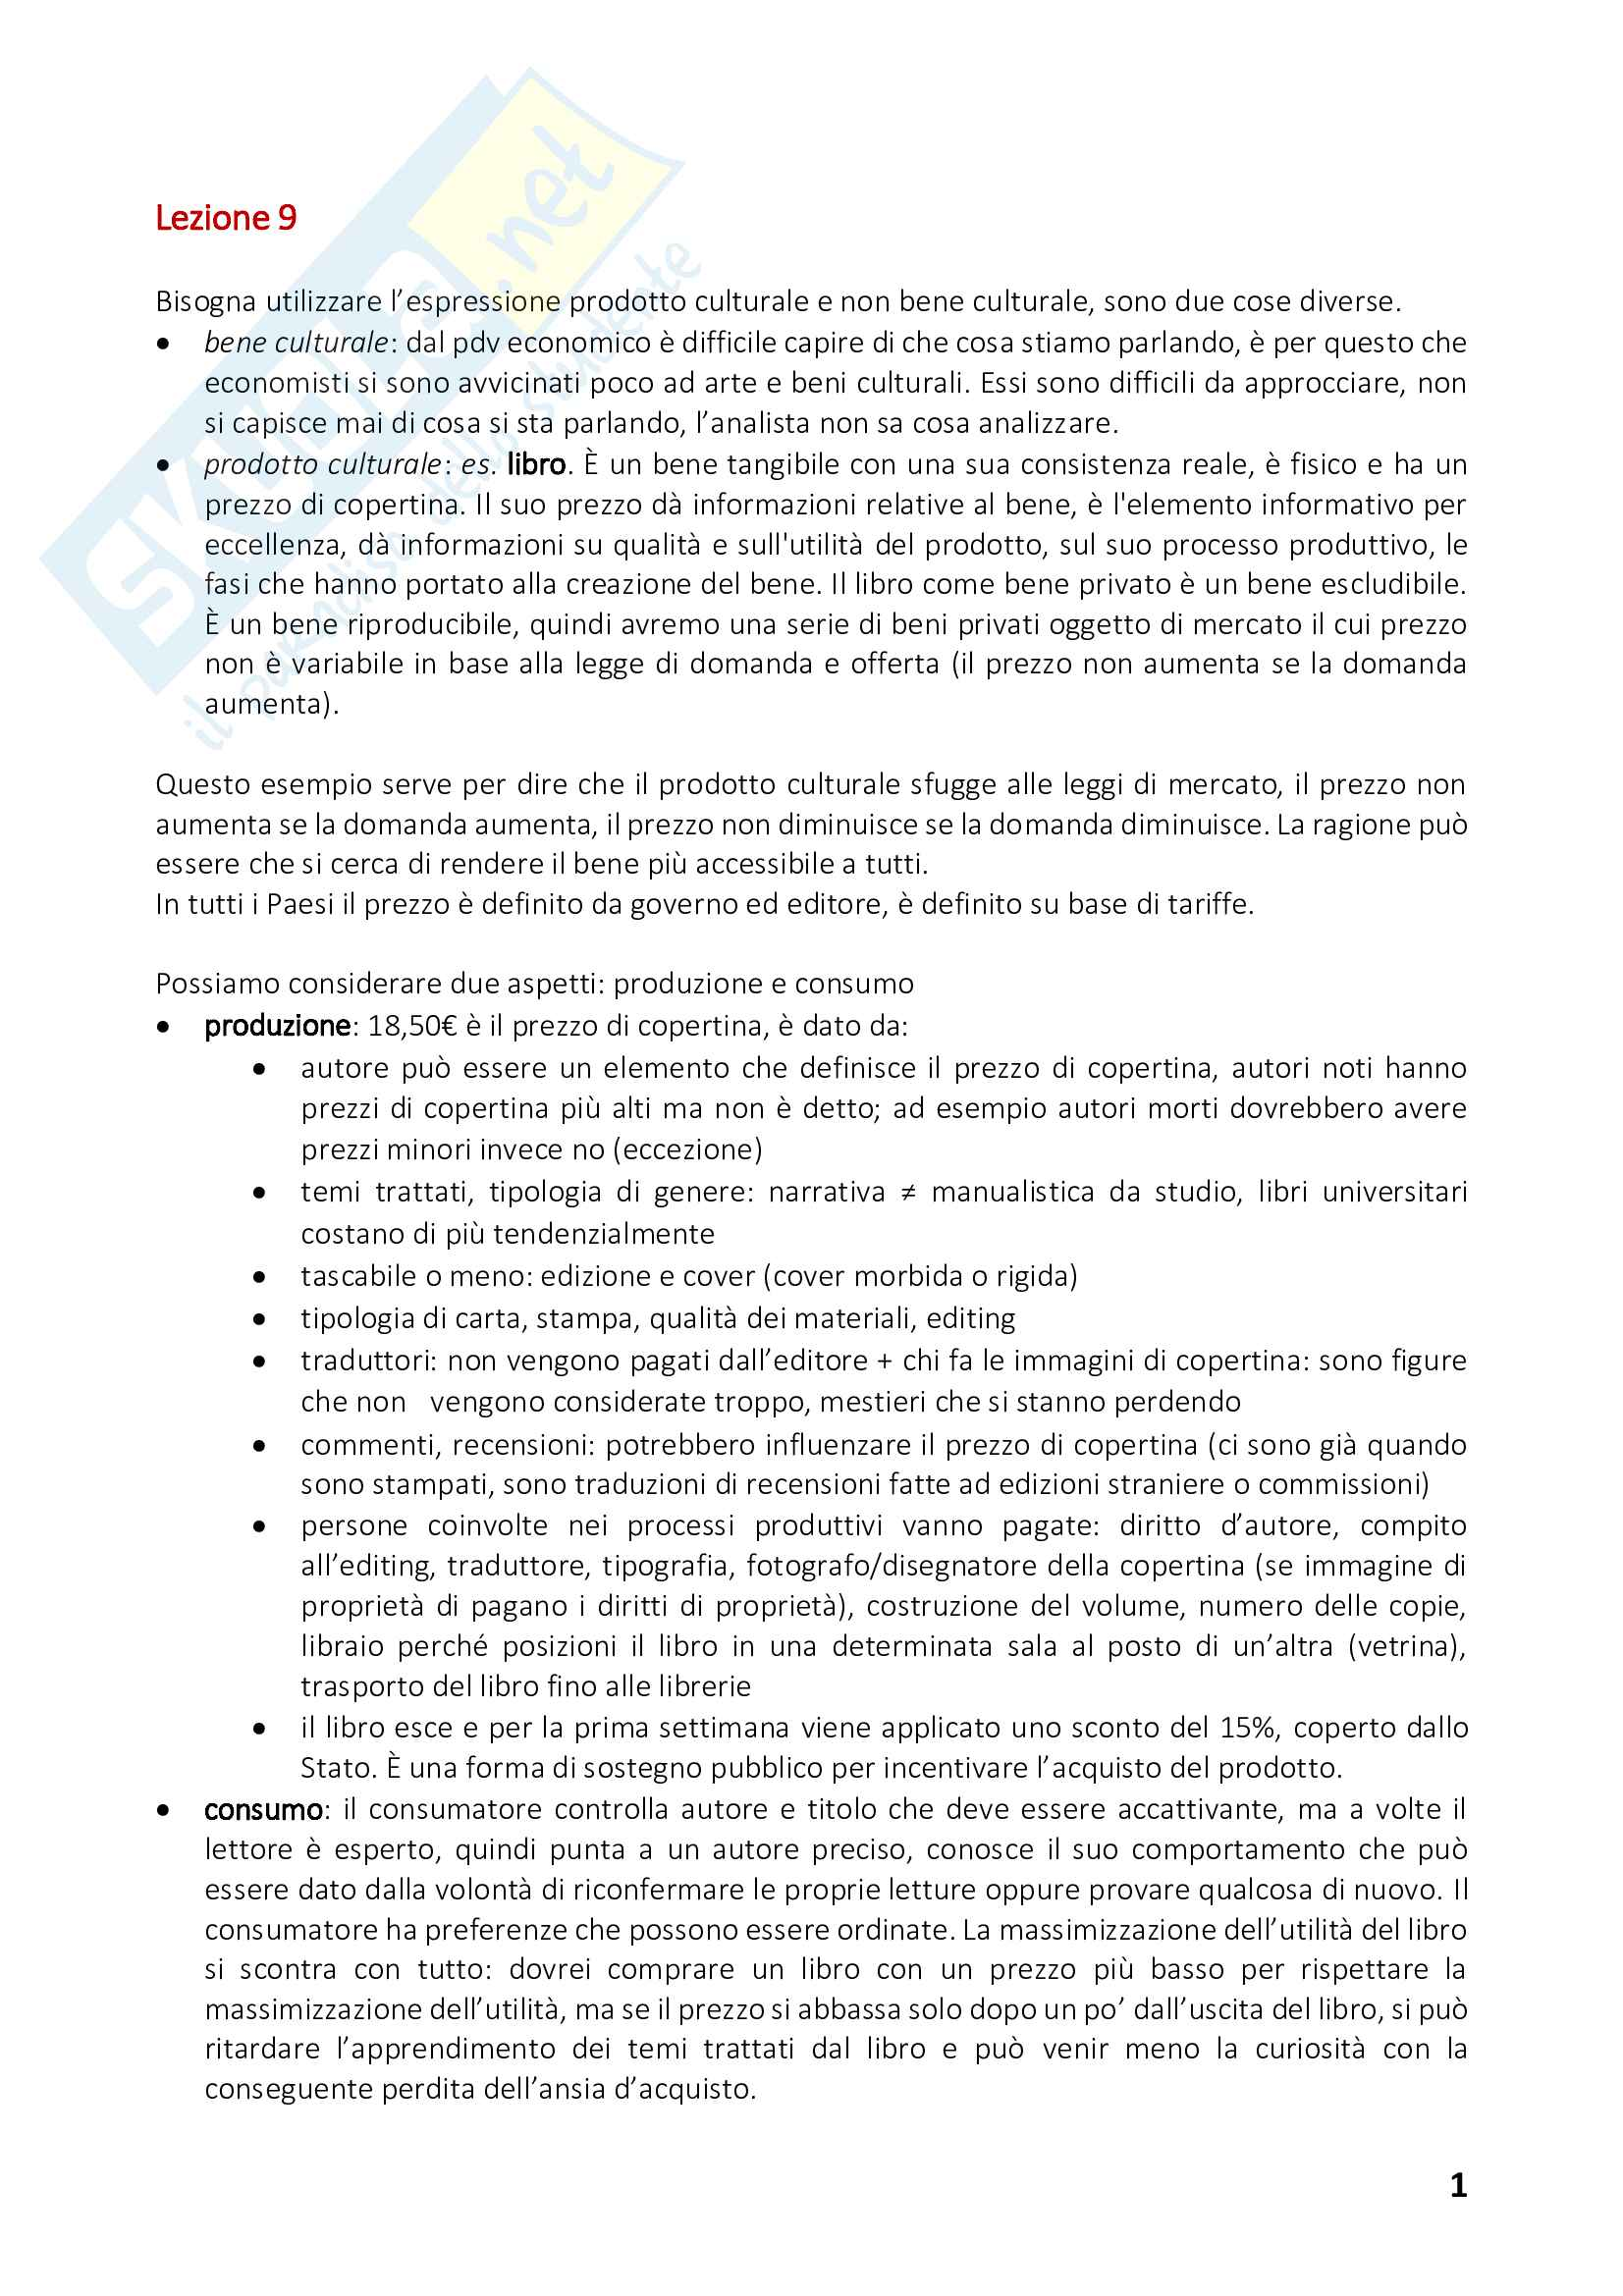 Appunti di Istituzioni e Politiche Culturali - II Modulo - Prof. Pedrini